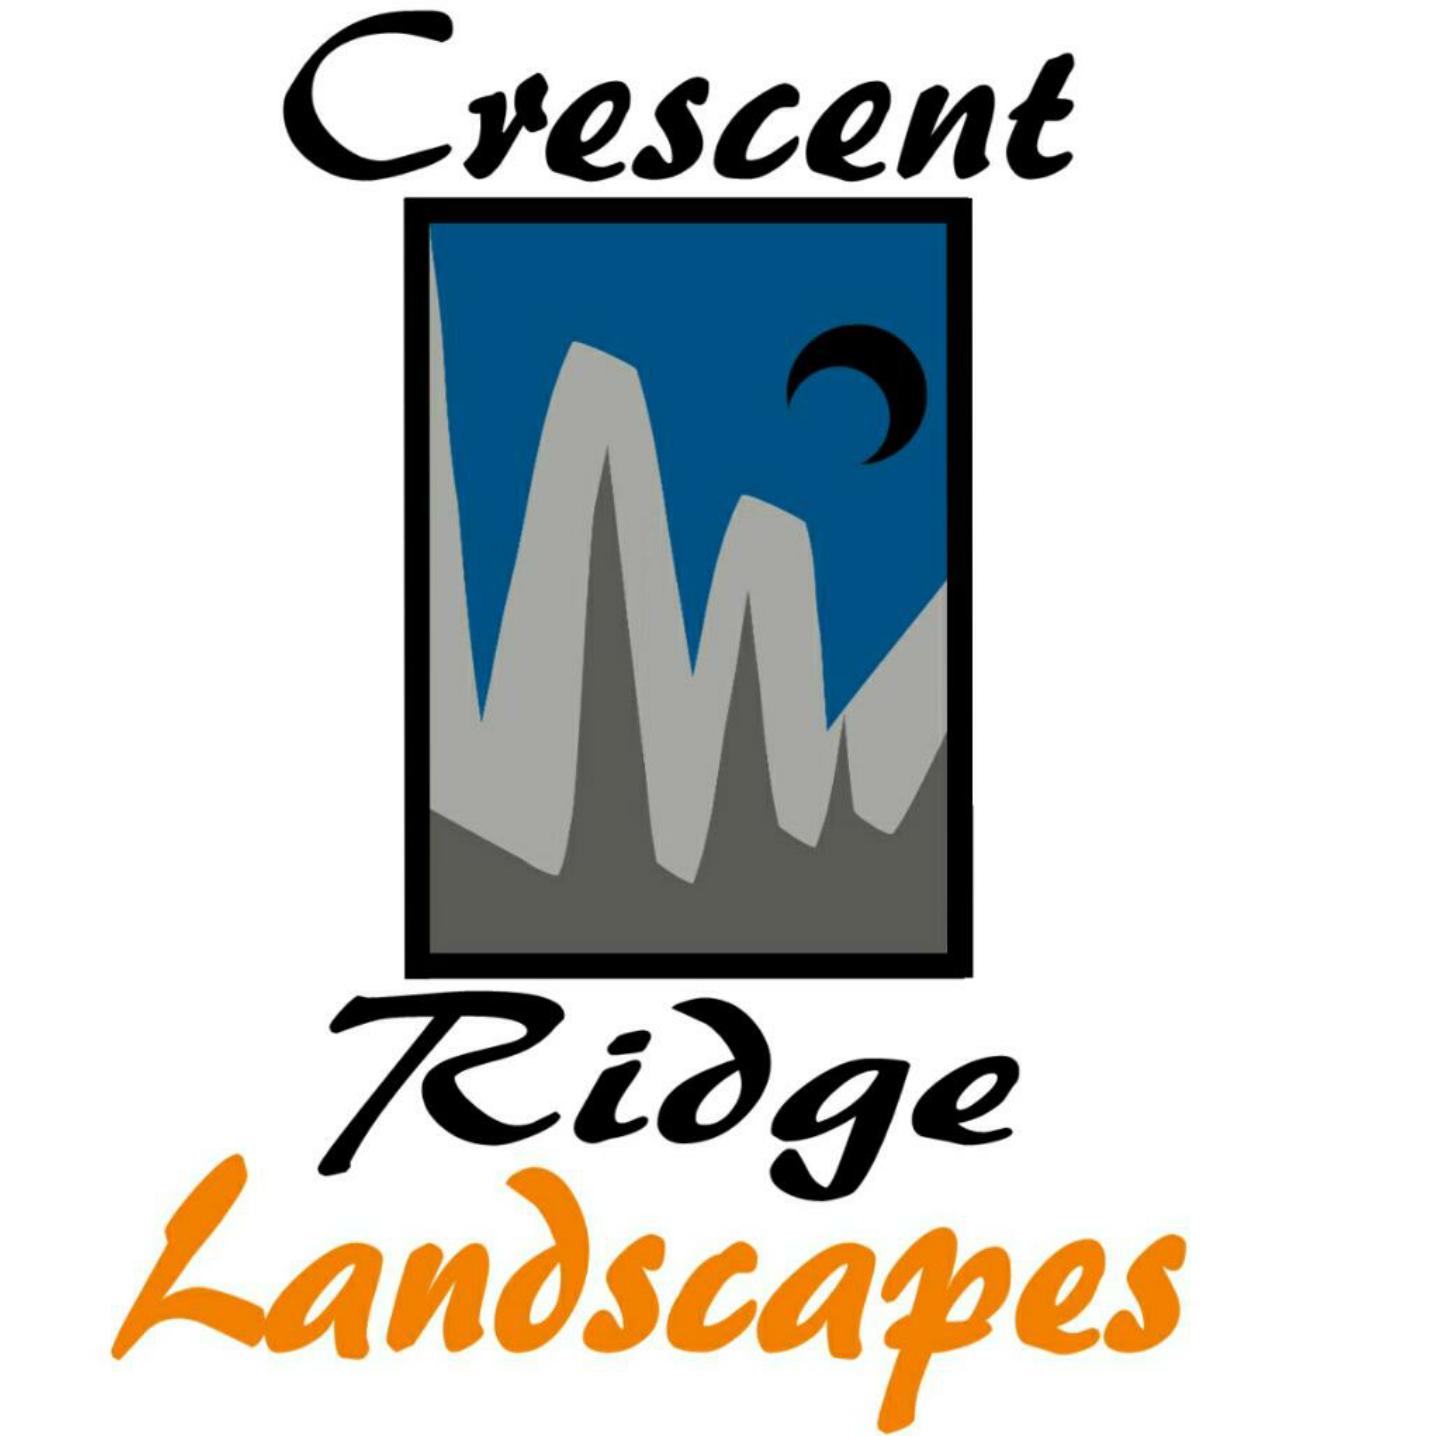 Crescent Ridge Landscapes LLC